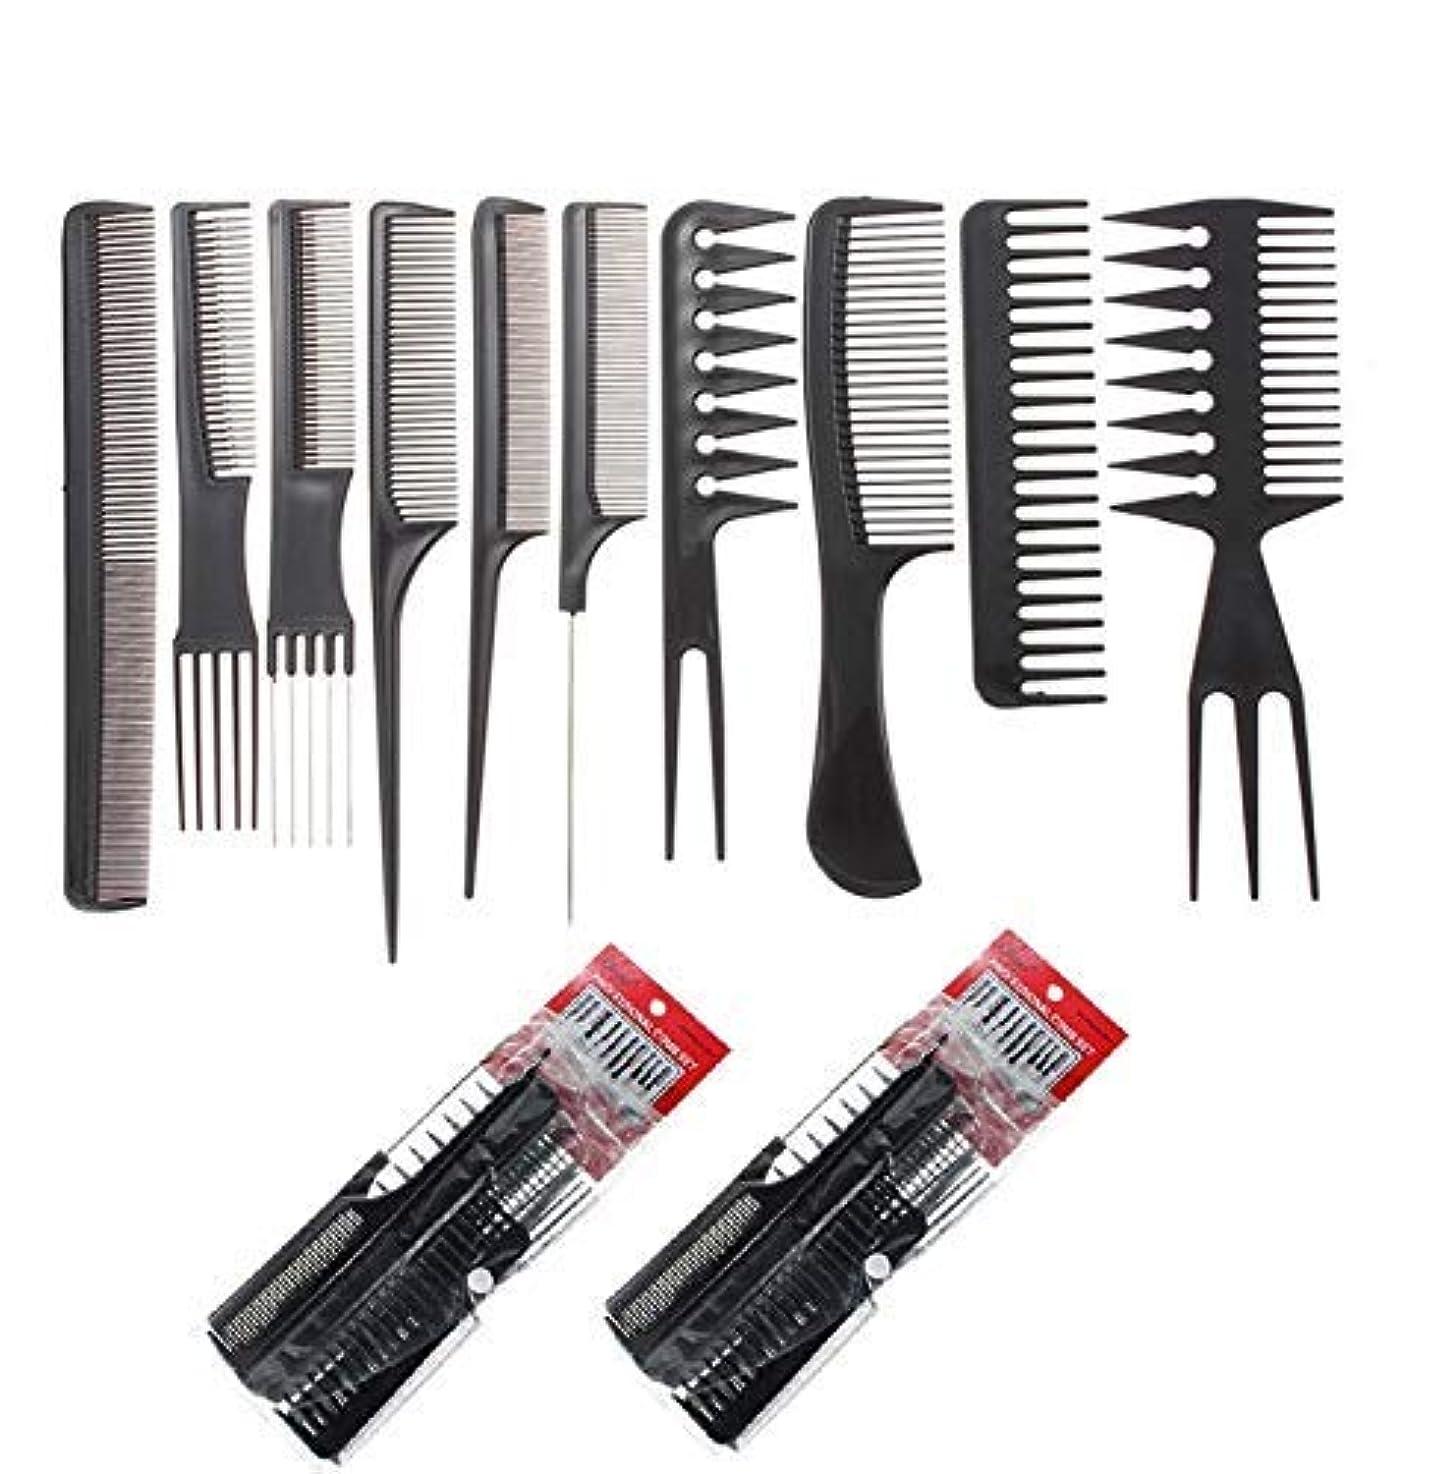 化合物池彼自身SBYURE 20pcs Professional Styling Comb Set,10pcs/Set,2 Set Salon Hairdressing Combs Hair Care Styling Tools Hair...